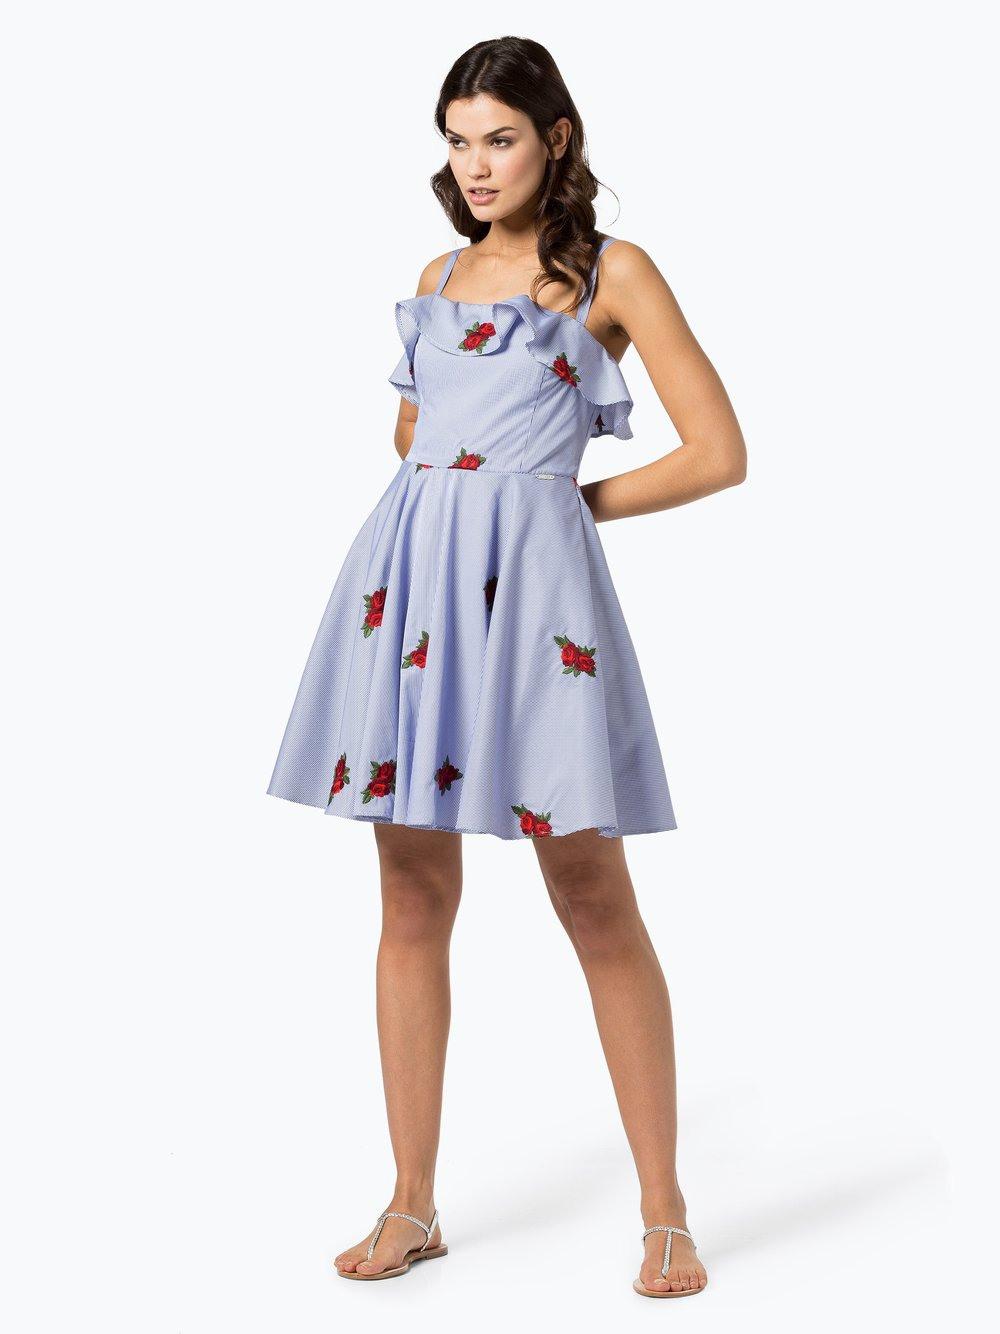 13 Spektakulär Guess Abend Kleider Spezialgebiet20 Elegant Guess Abend Kleider Galerie